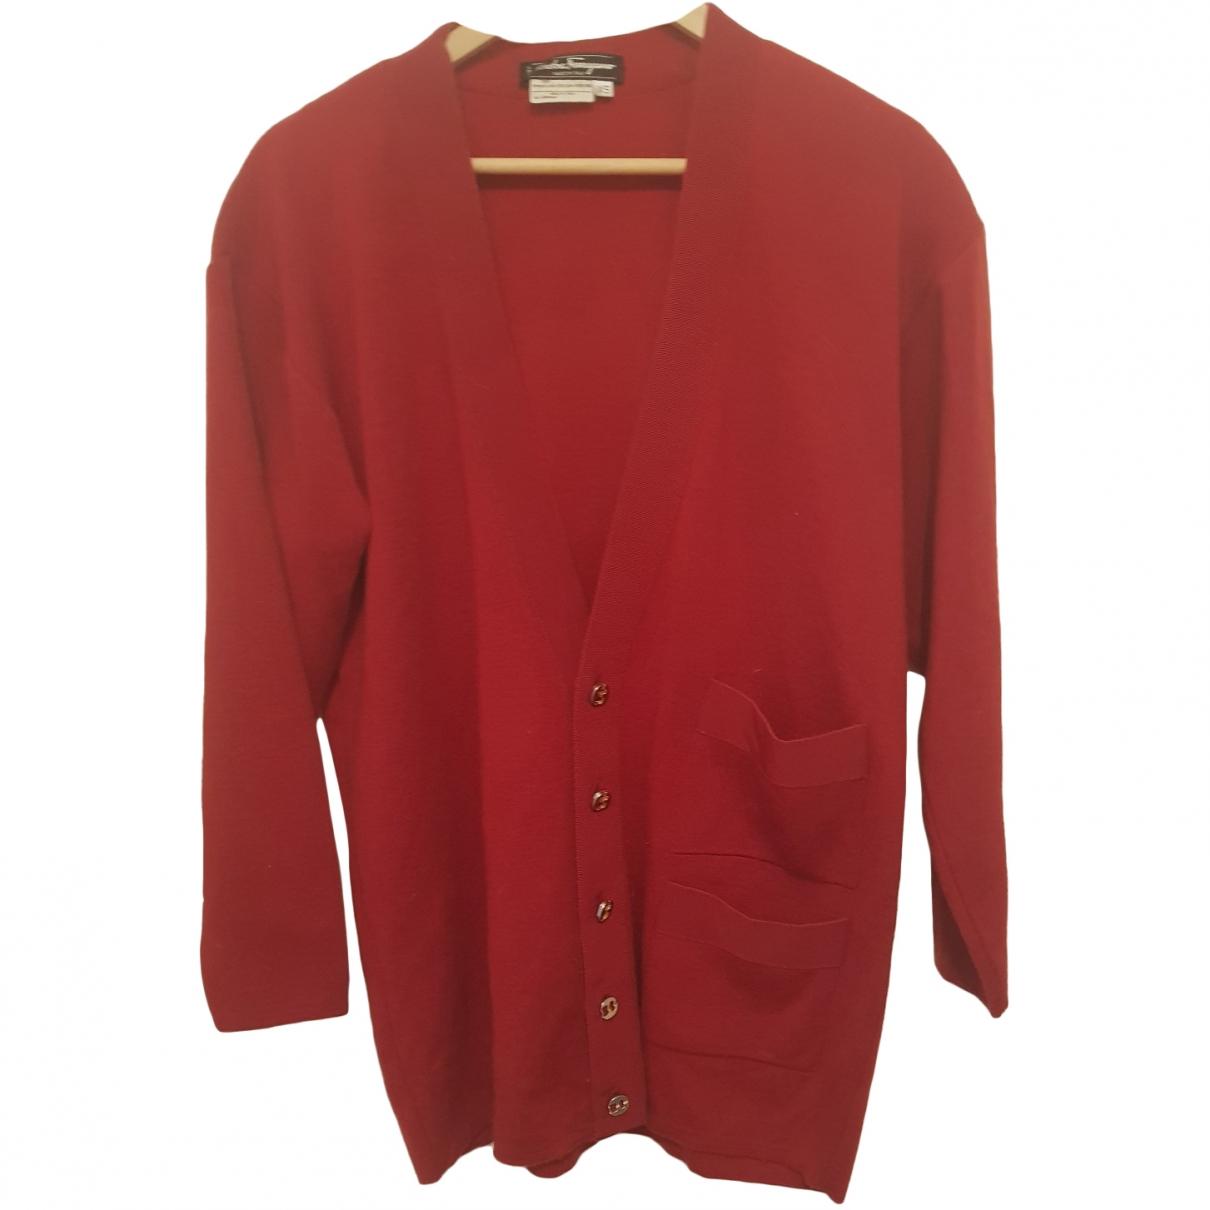 Salvatore Ferragamo - Pulls.Gilets.Sweats   pour homme en laine - rouge